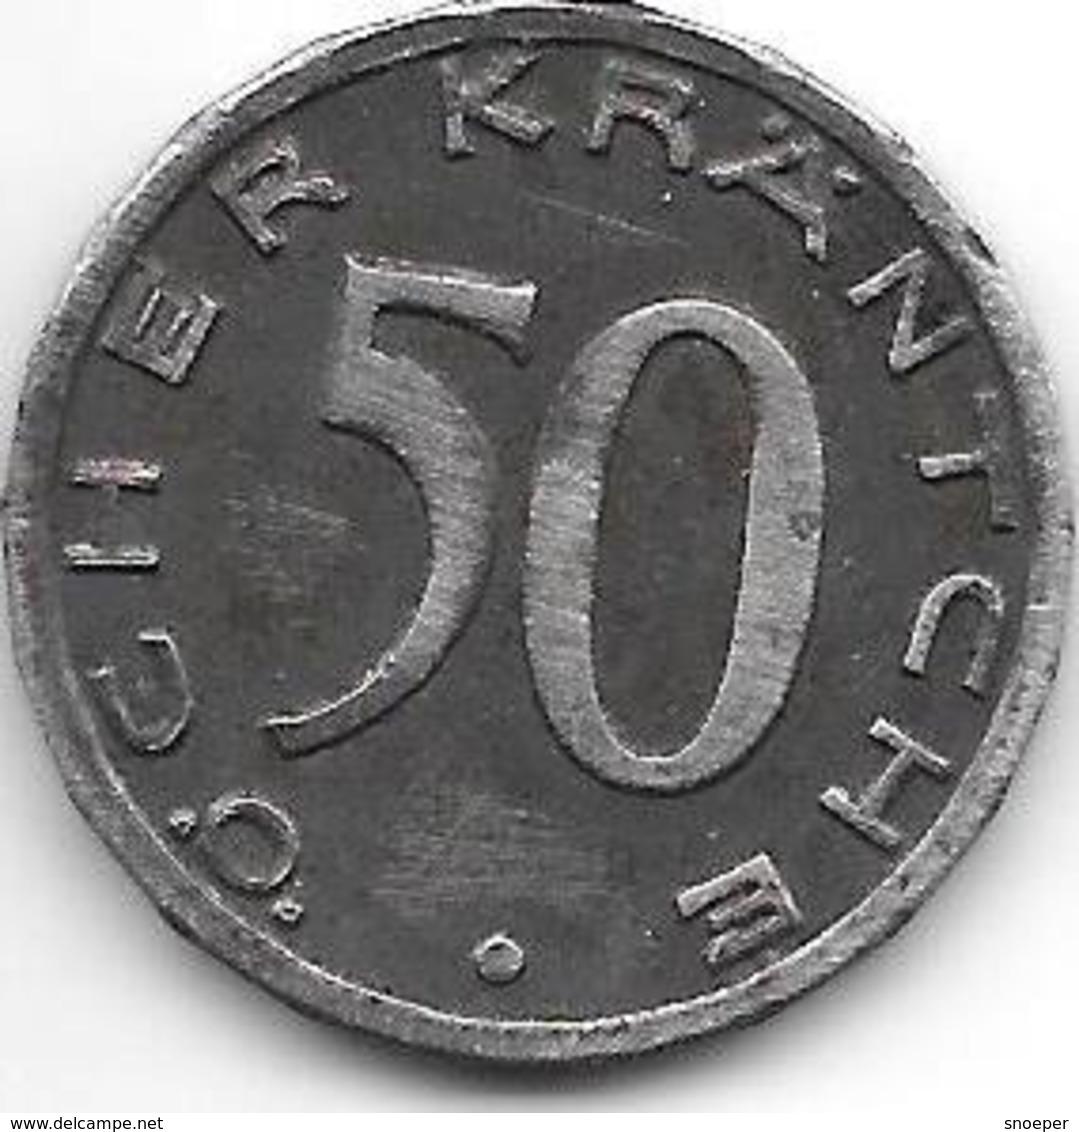 Notgeld  Aachen  50 Pfennig 1920   Fe  54.35/ F1.11A/d  K Gleich Lang 1(920)  Anstrich 1,5 Mm - [ 2] 1871-1918 : Duitse Rijk